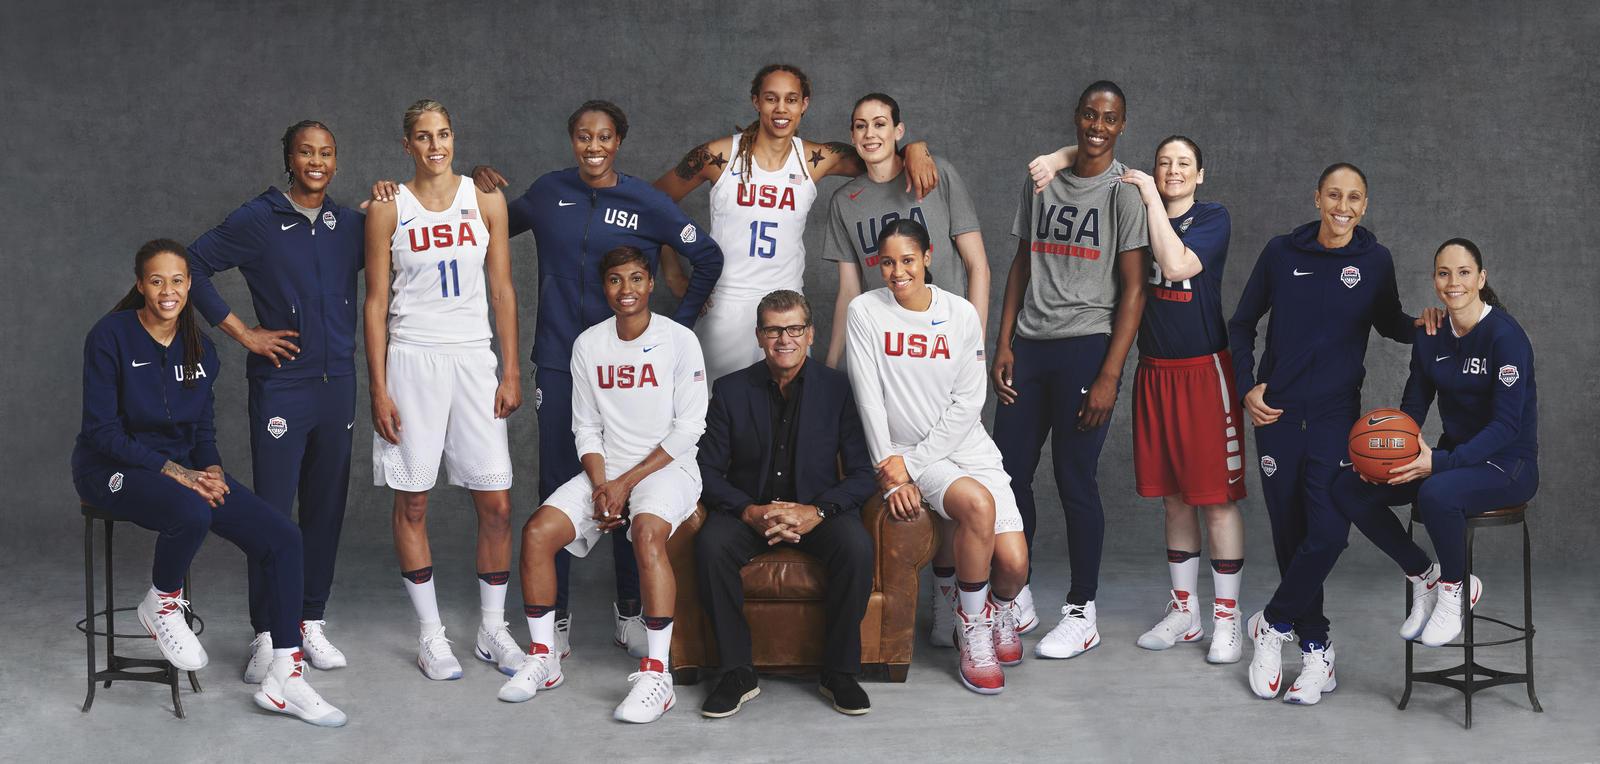 2016 USA Women's Basketball - Nike News